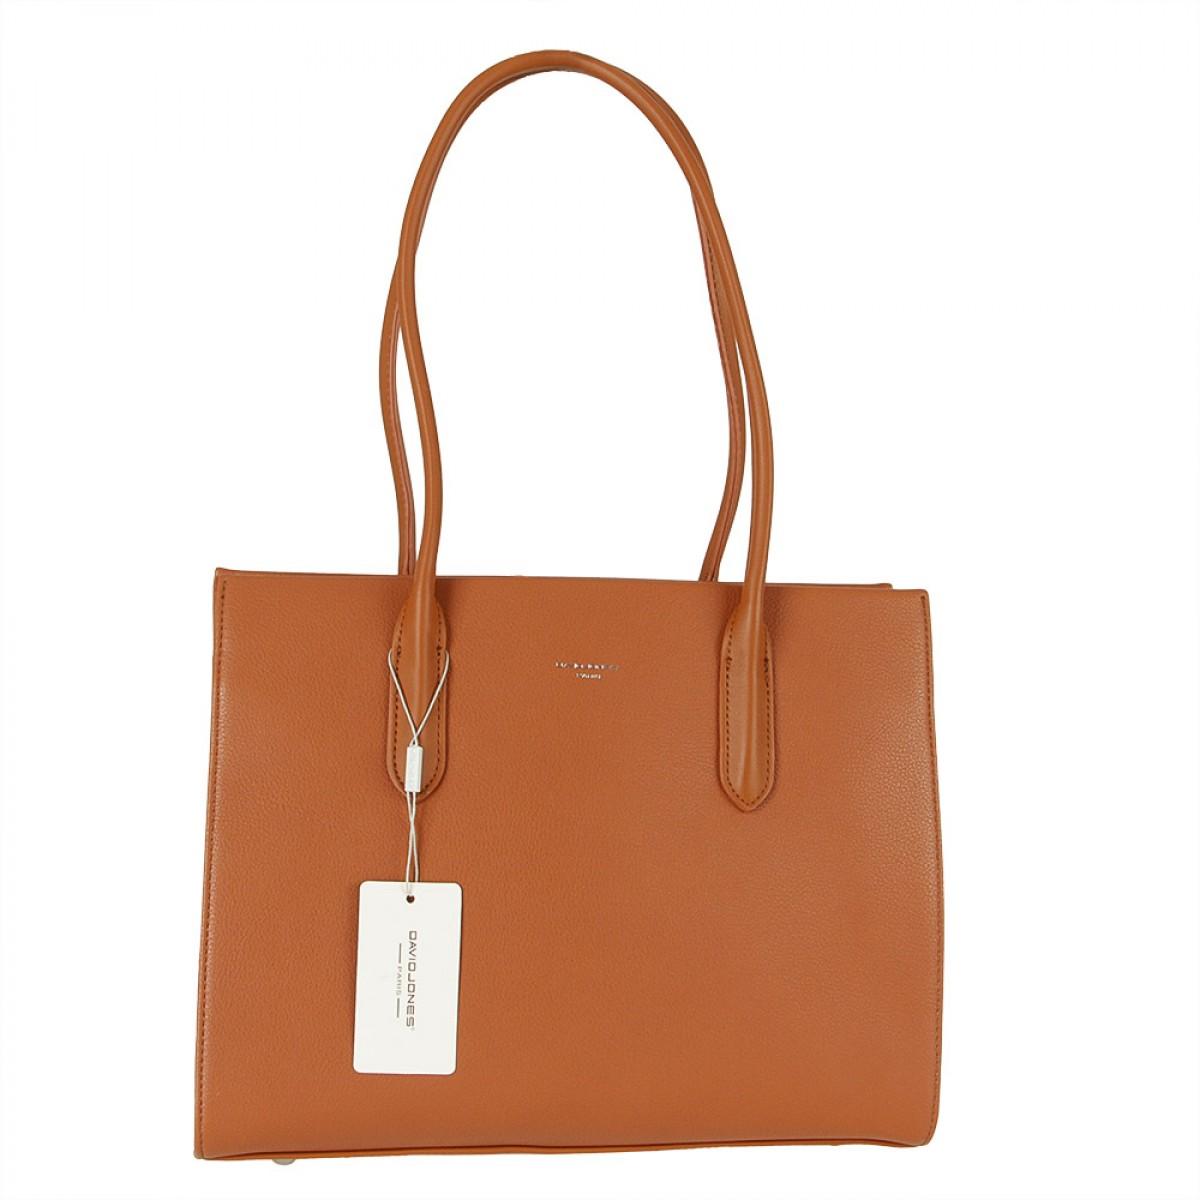 Жіноча сумка David Jones 6253-2 COGNAC